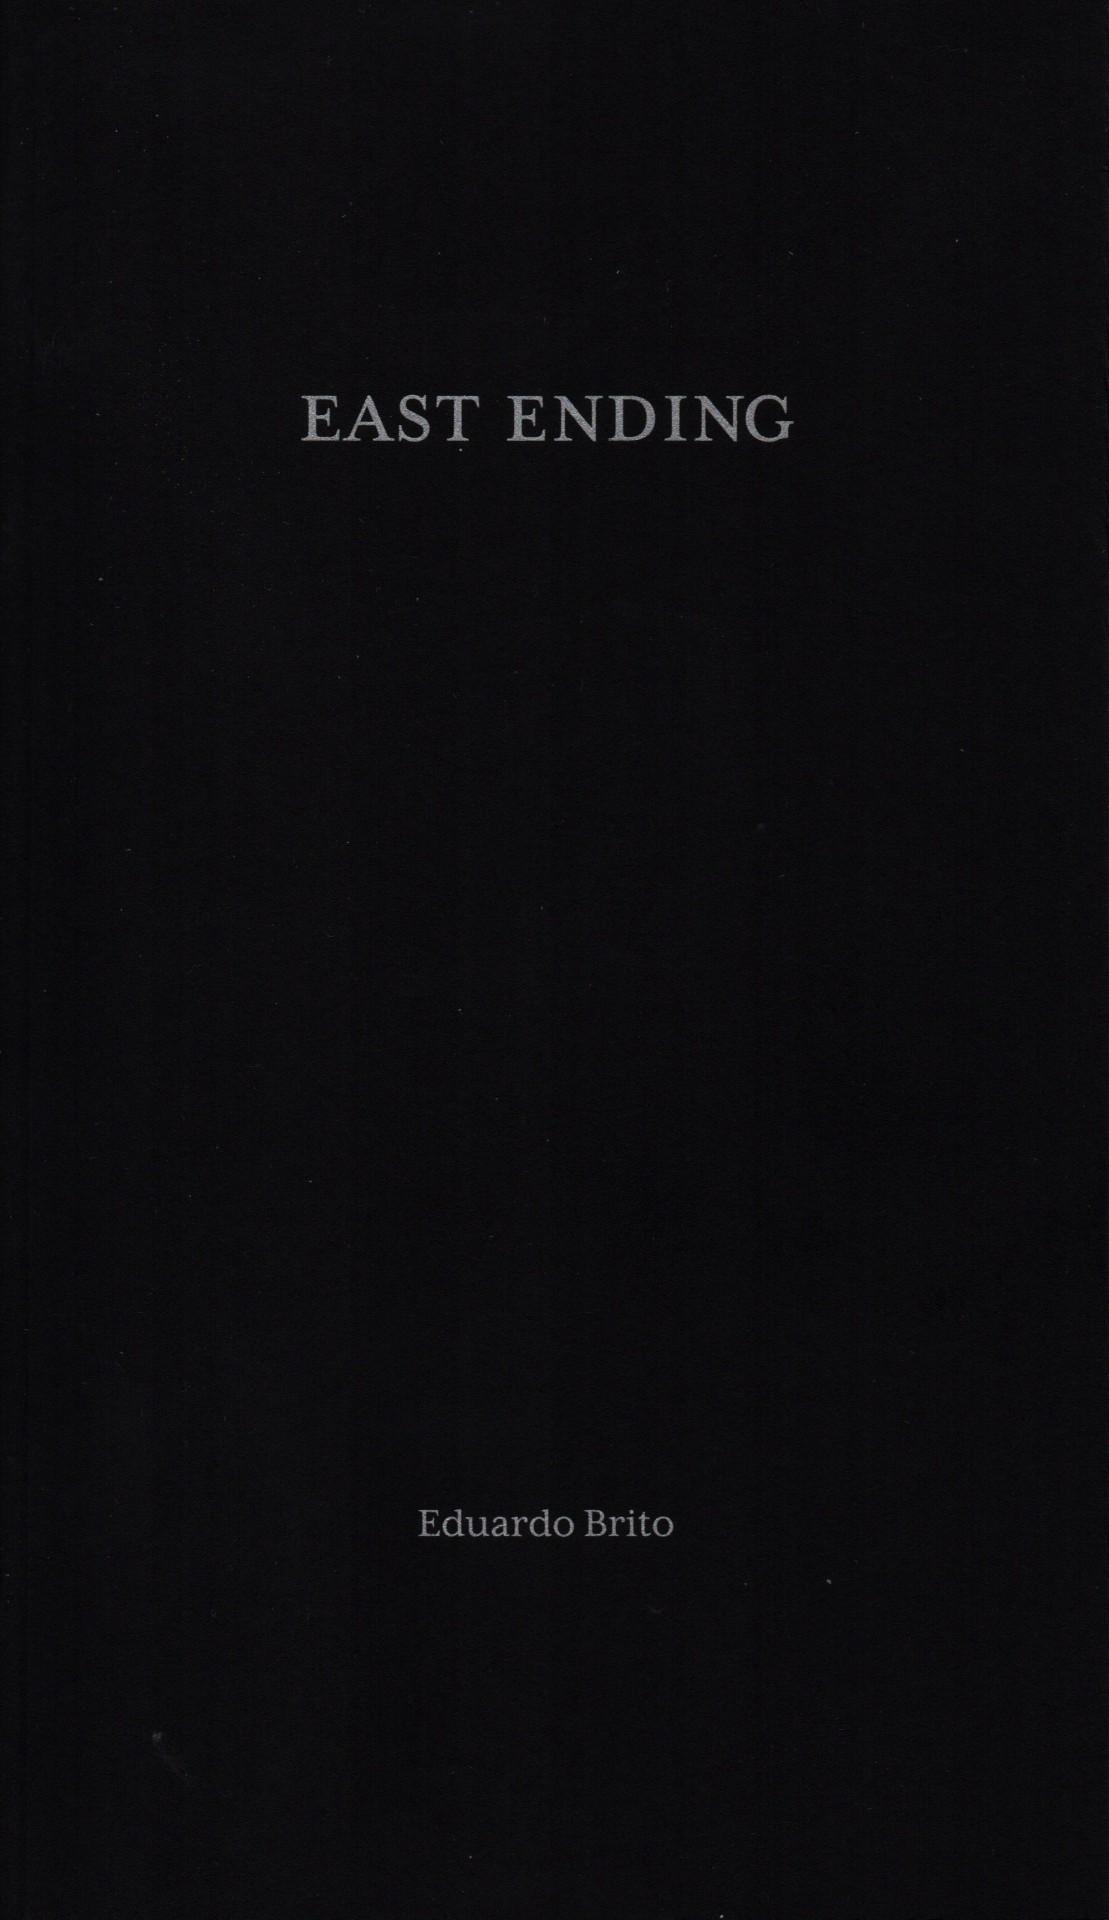 East Ending, Eduardo Brito